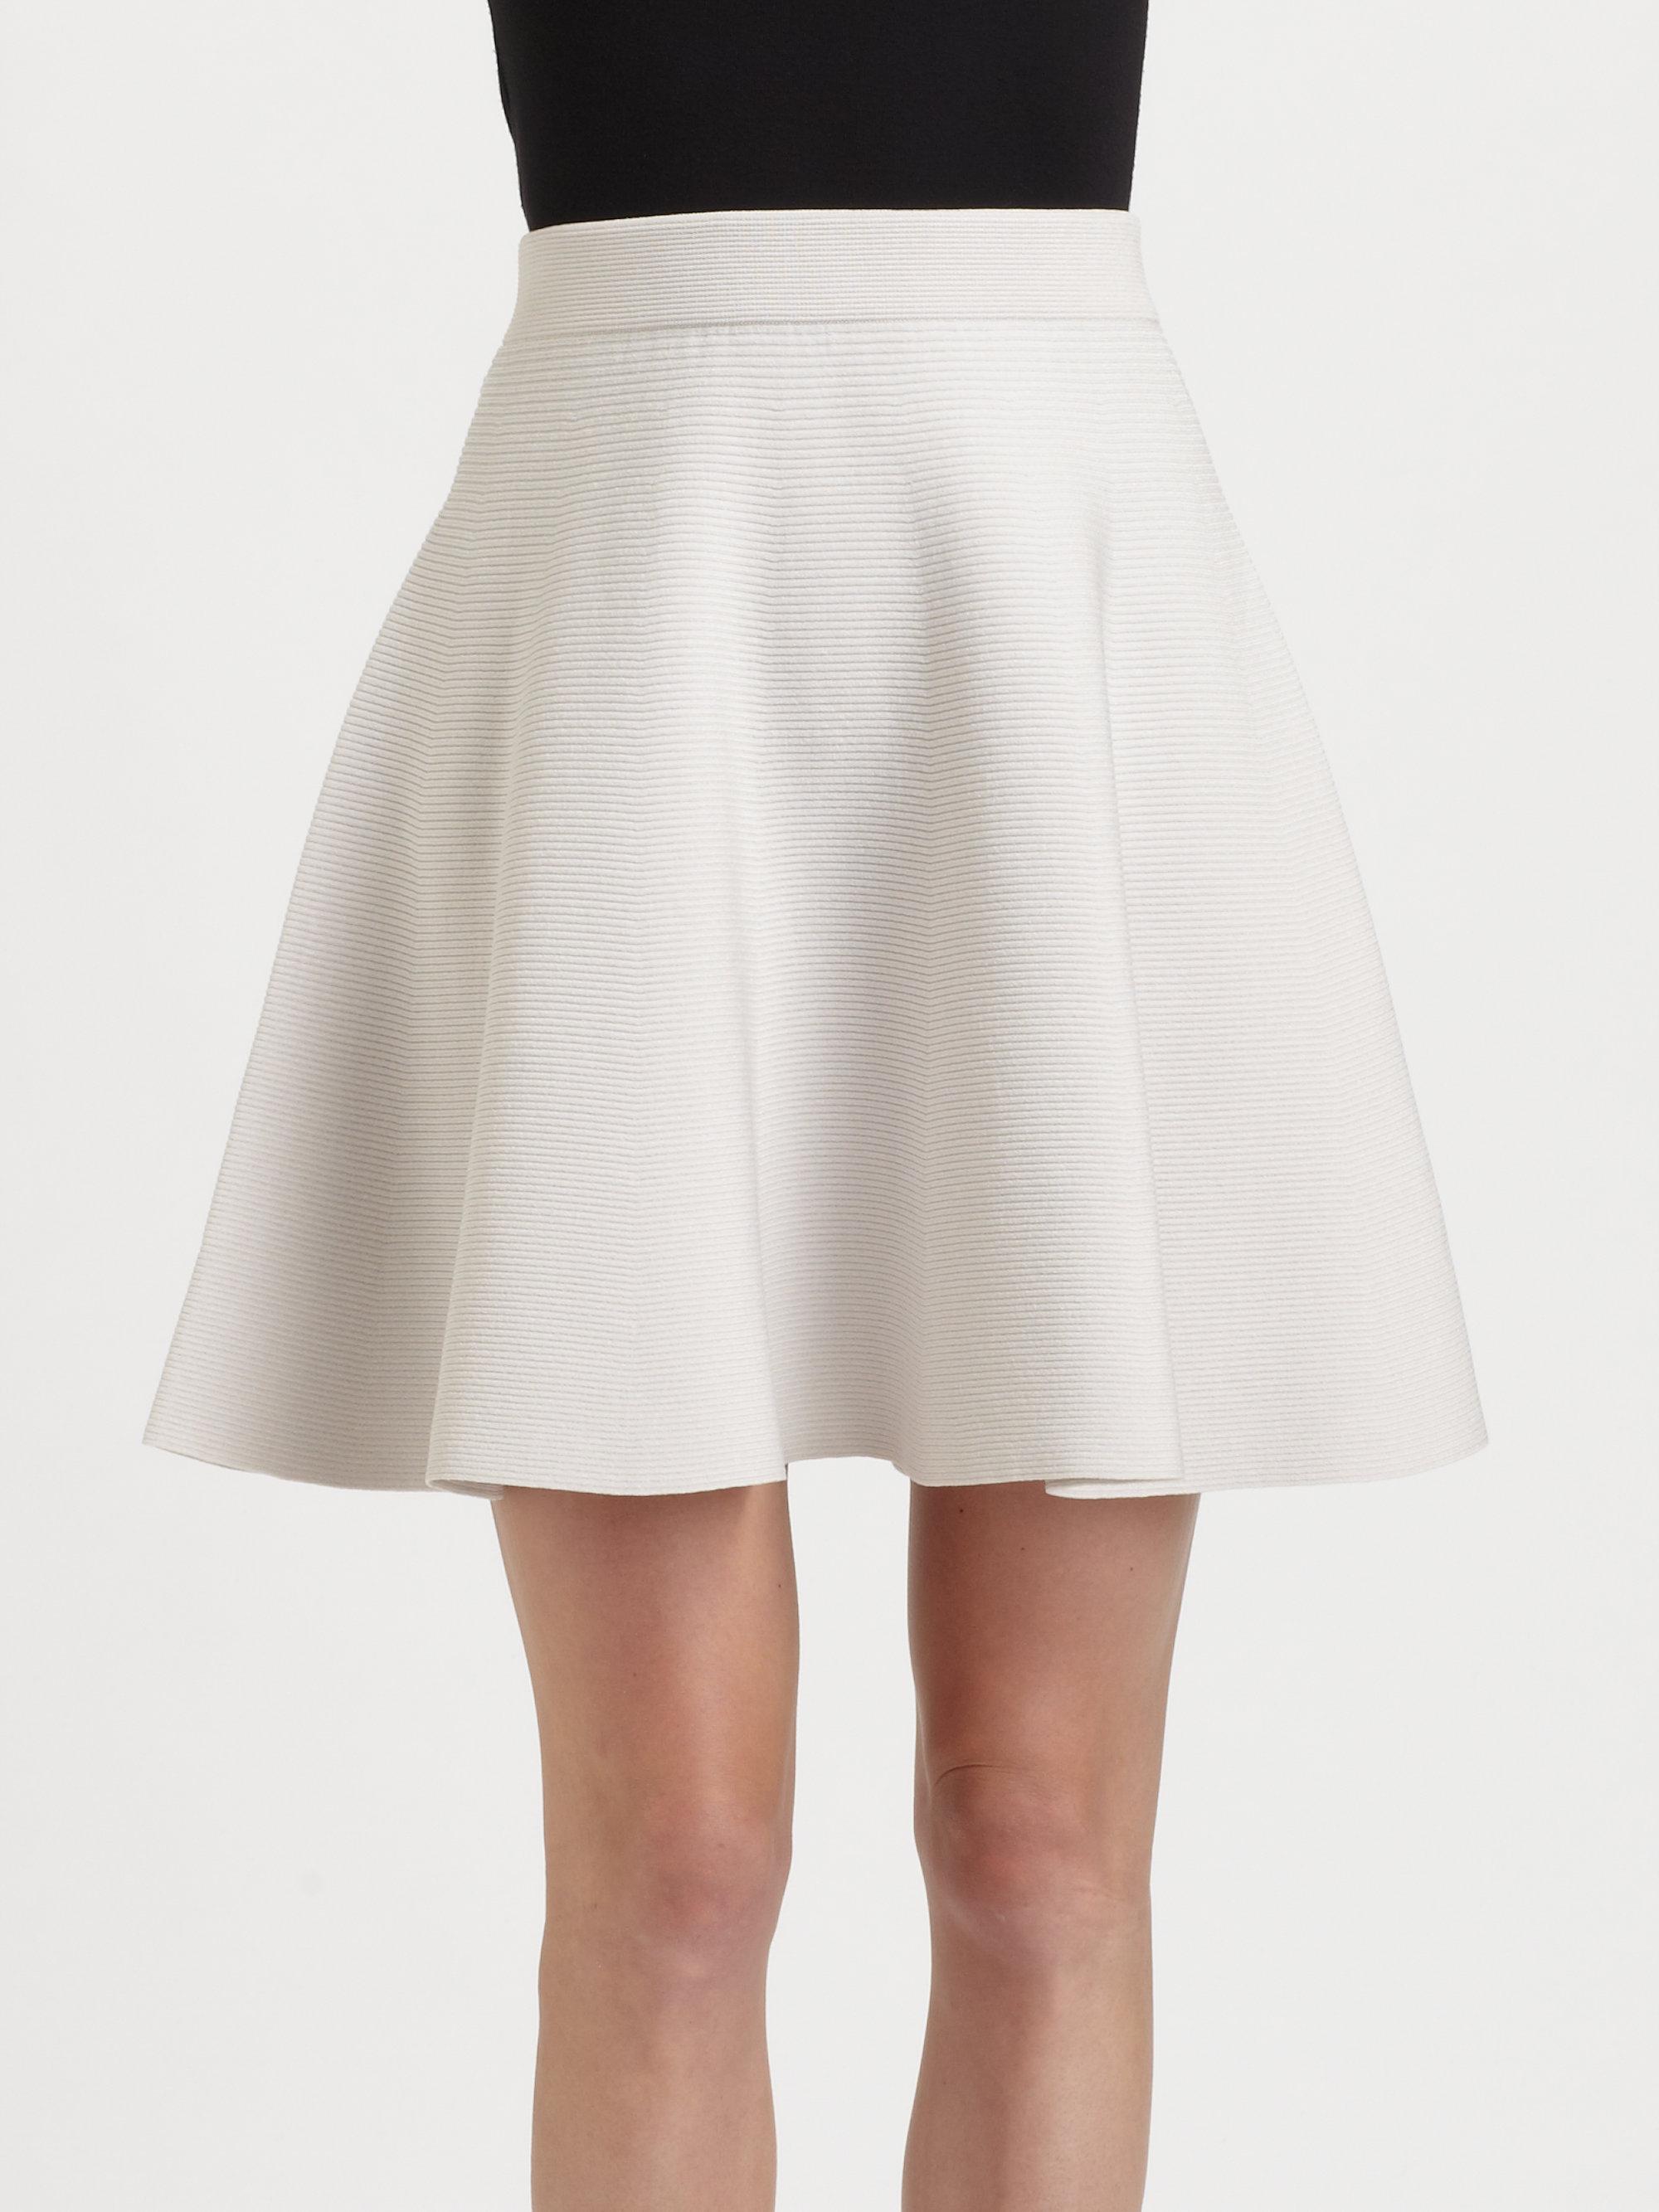 White Flare Skirt - Skirts